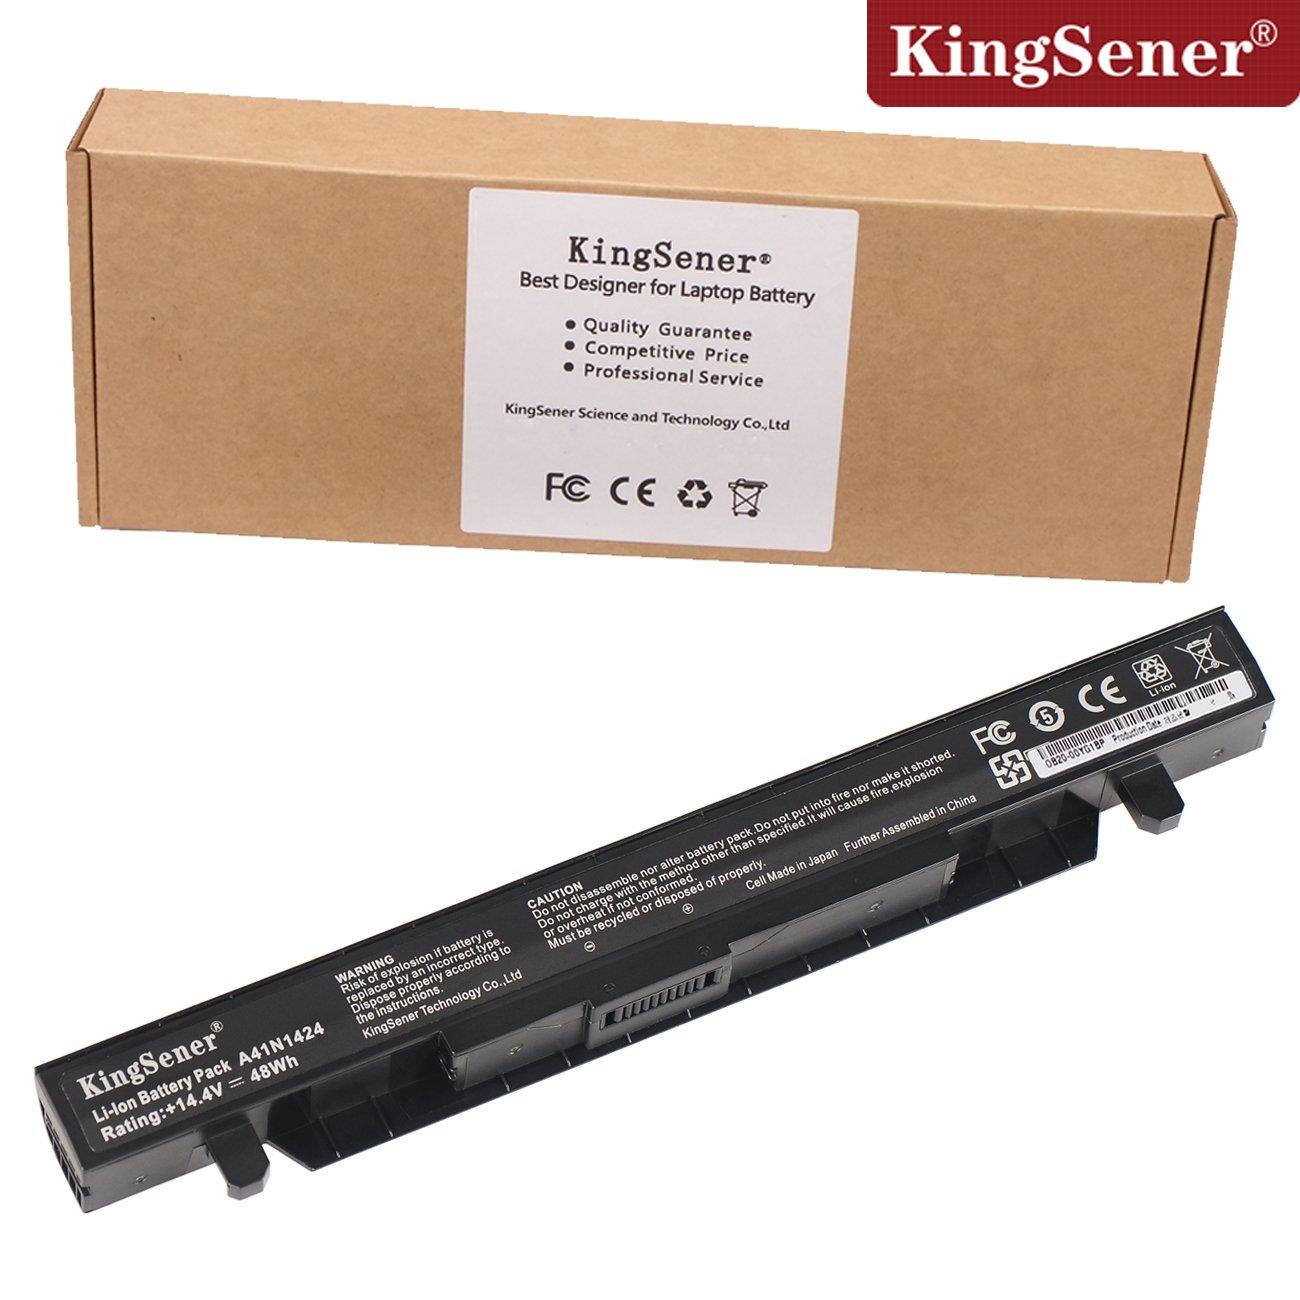 Bateria A41n1424 Para Asus Asus Rog Gl552 Gl552v Gl552vw Gl552j Gl552jx Zx50v Zx50vw Zx50jx X50j Zx50 Jx4200 Jx4720 Fx-p